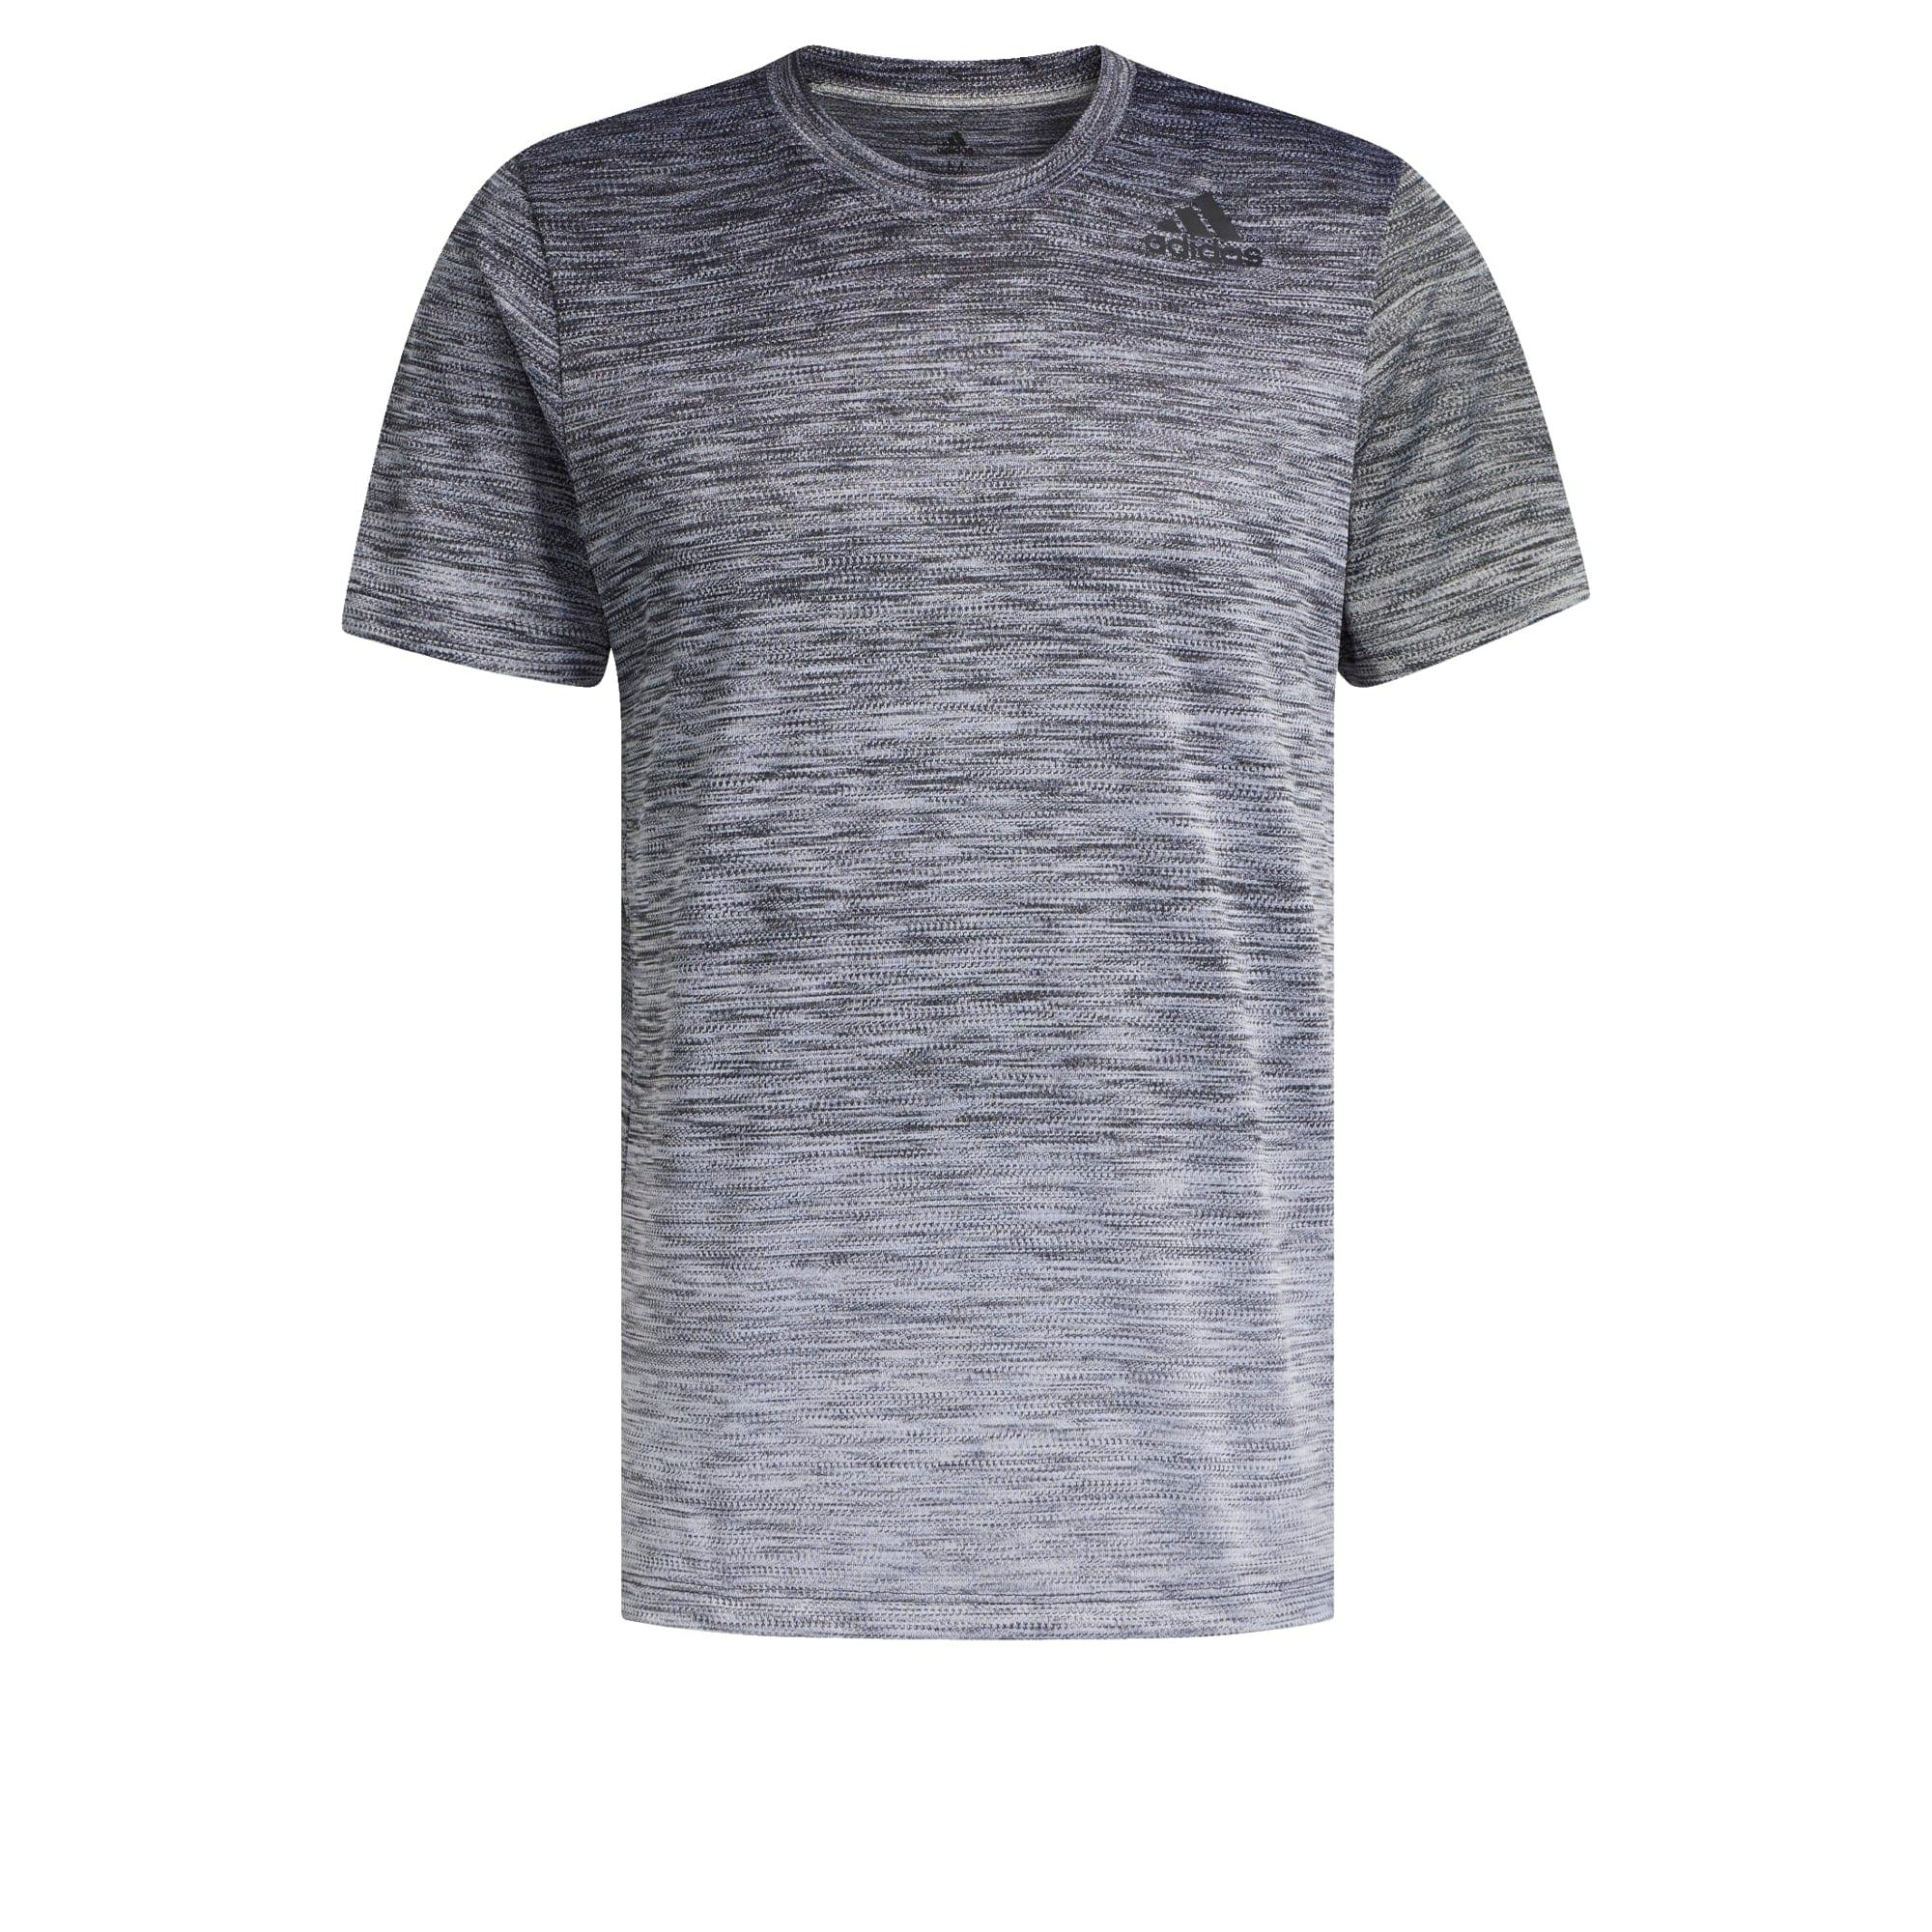 ADIDAS PERFORMANCE Sportiniai marškinėliai margai juoda / margai pilka